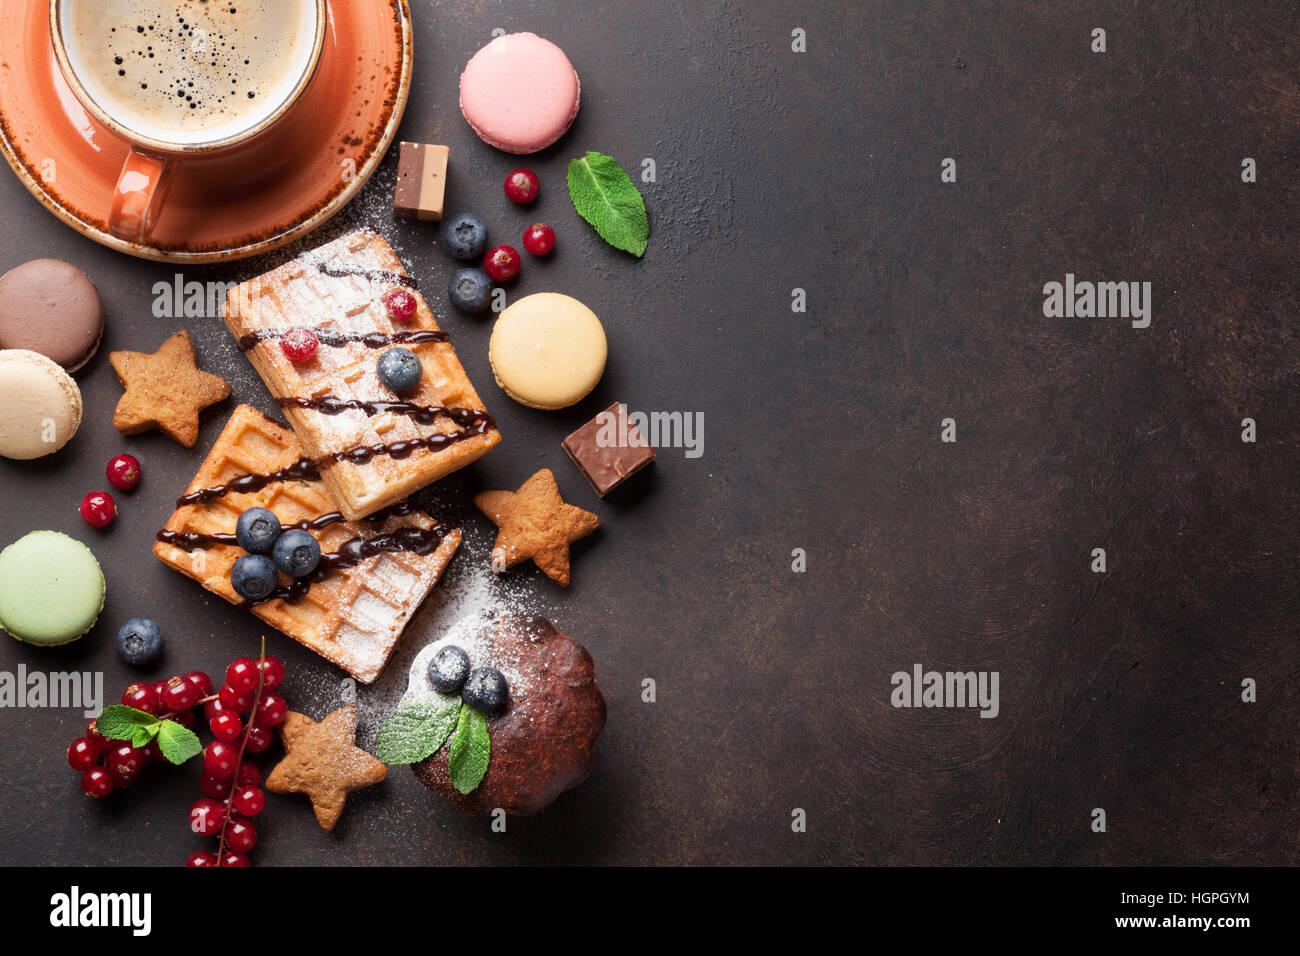 Café avec des gaufres et des bonbons. Vue de dessus avec l'exemplaire de l'espace pour votre texte Photo Stock